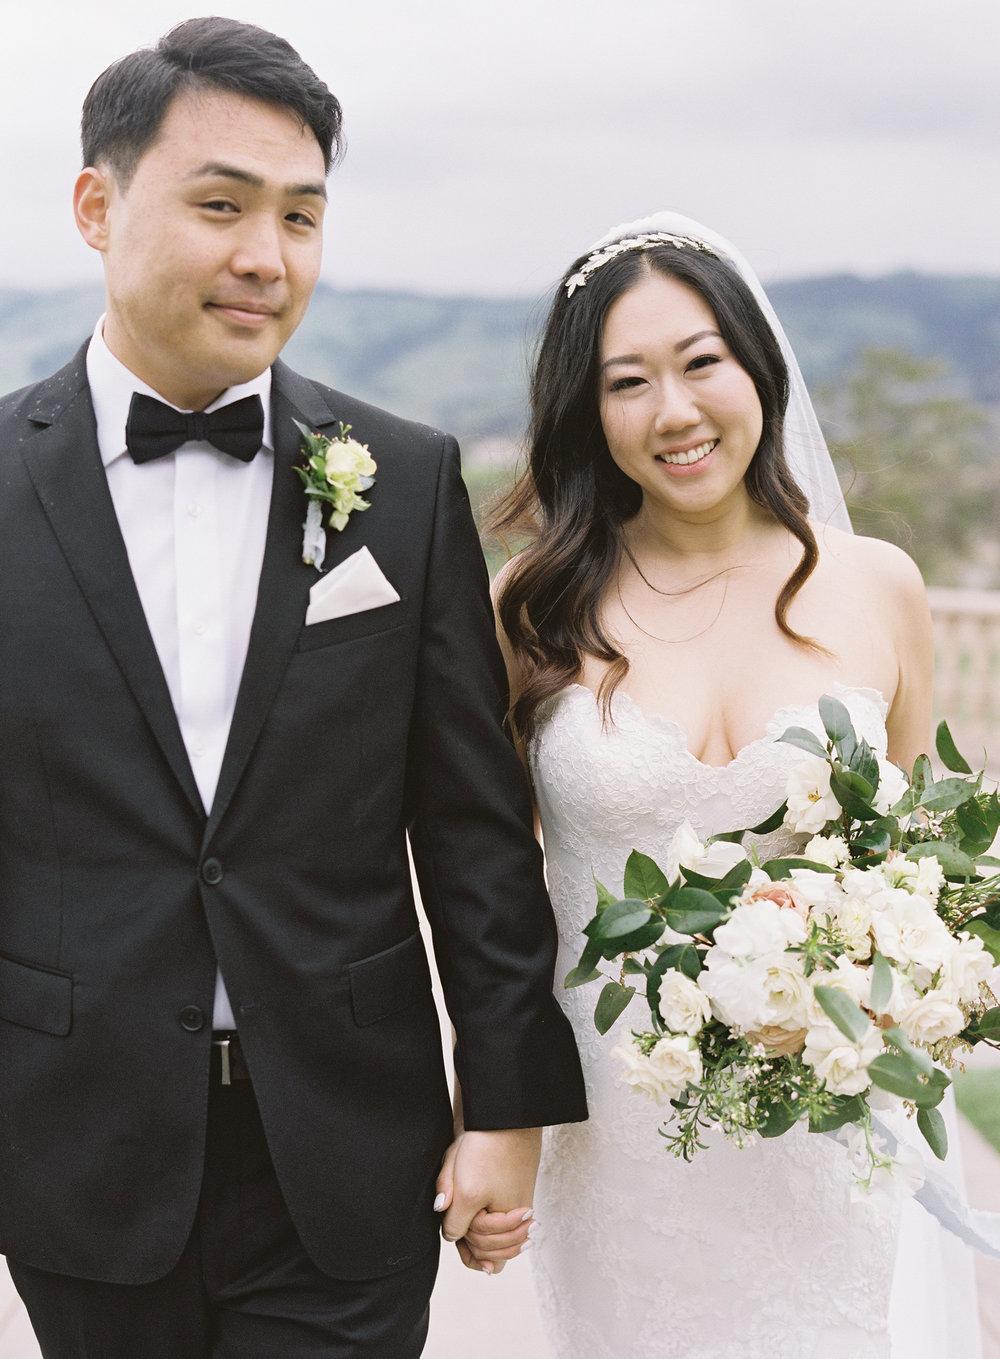 bride_groom173.jpg